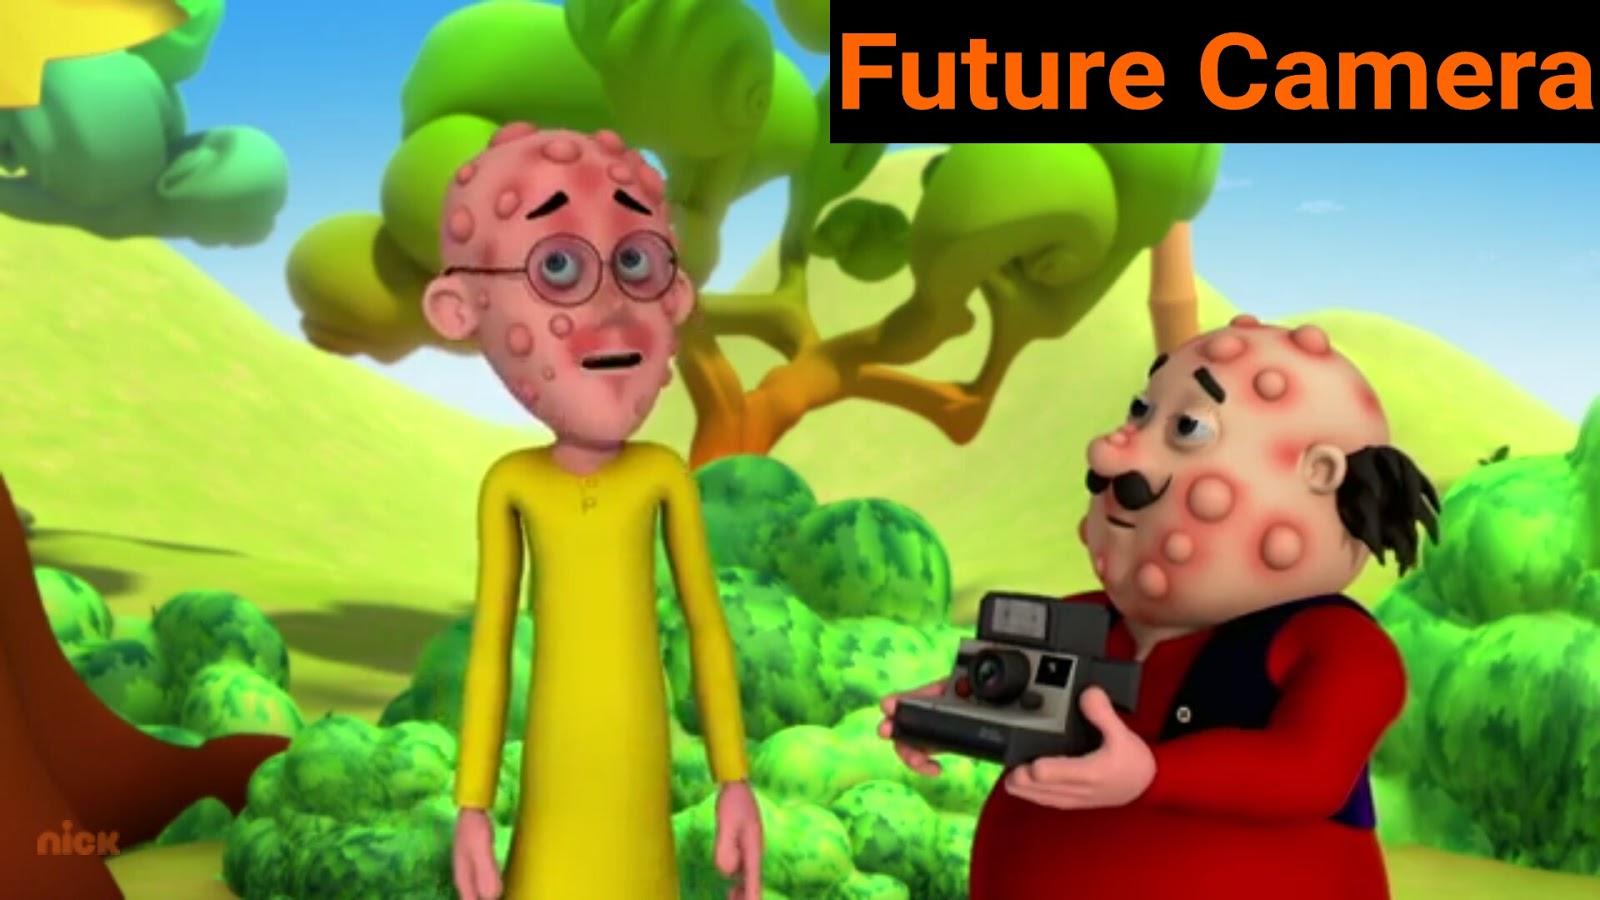 Motu Aur Patlu Ki Jodi Episode 25 Future Camera Motu Aur Patlu